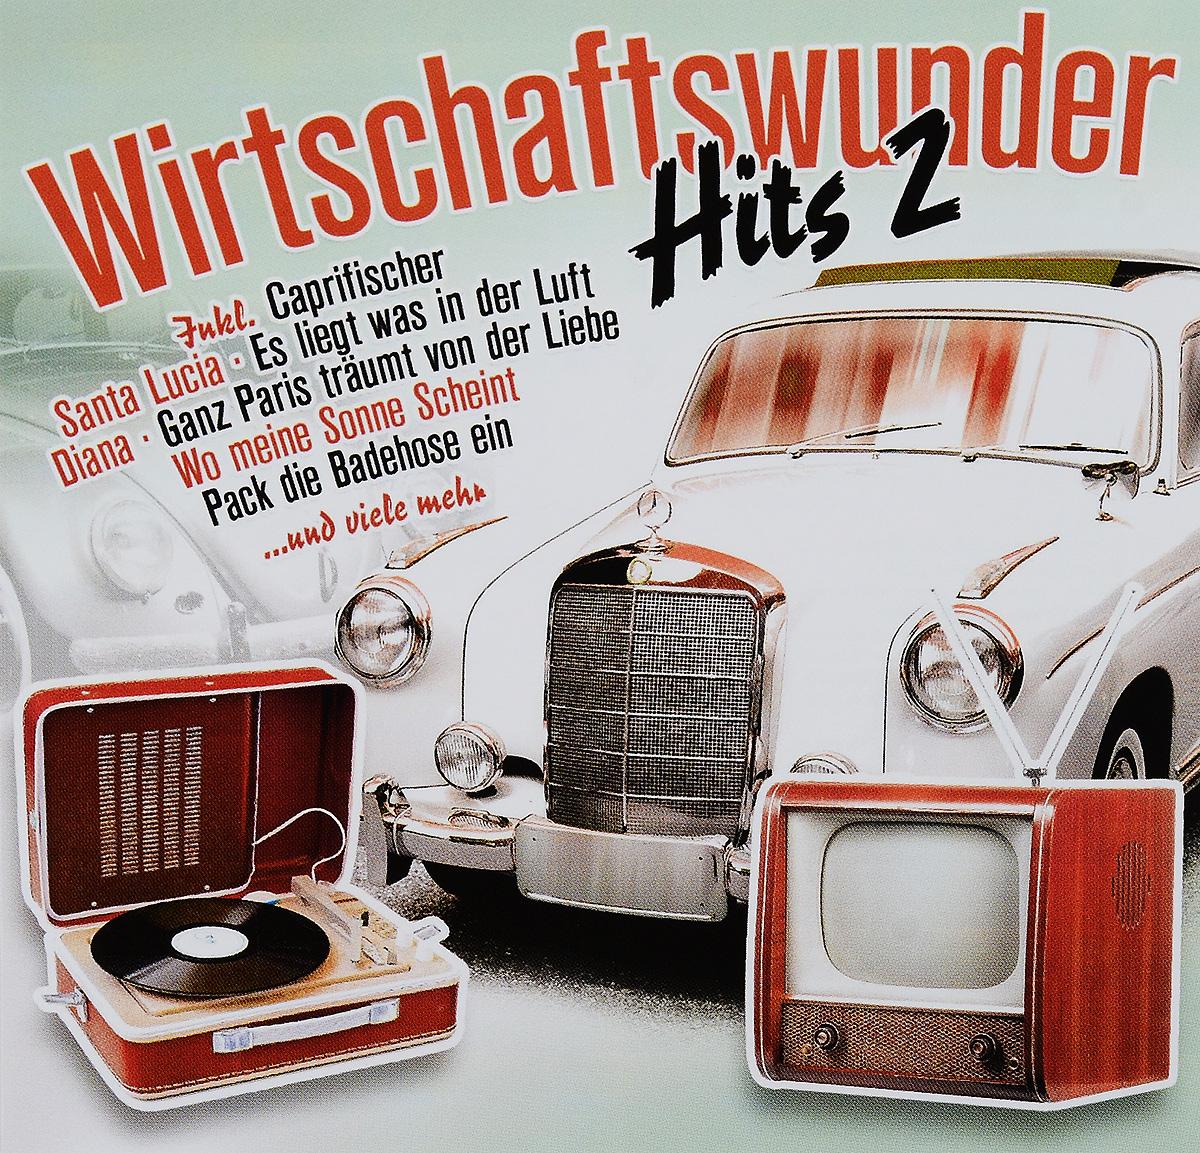 Wirtschaftswunder Hits 2 (2 CD)